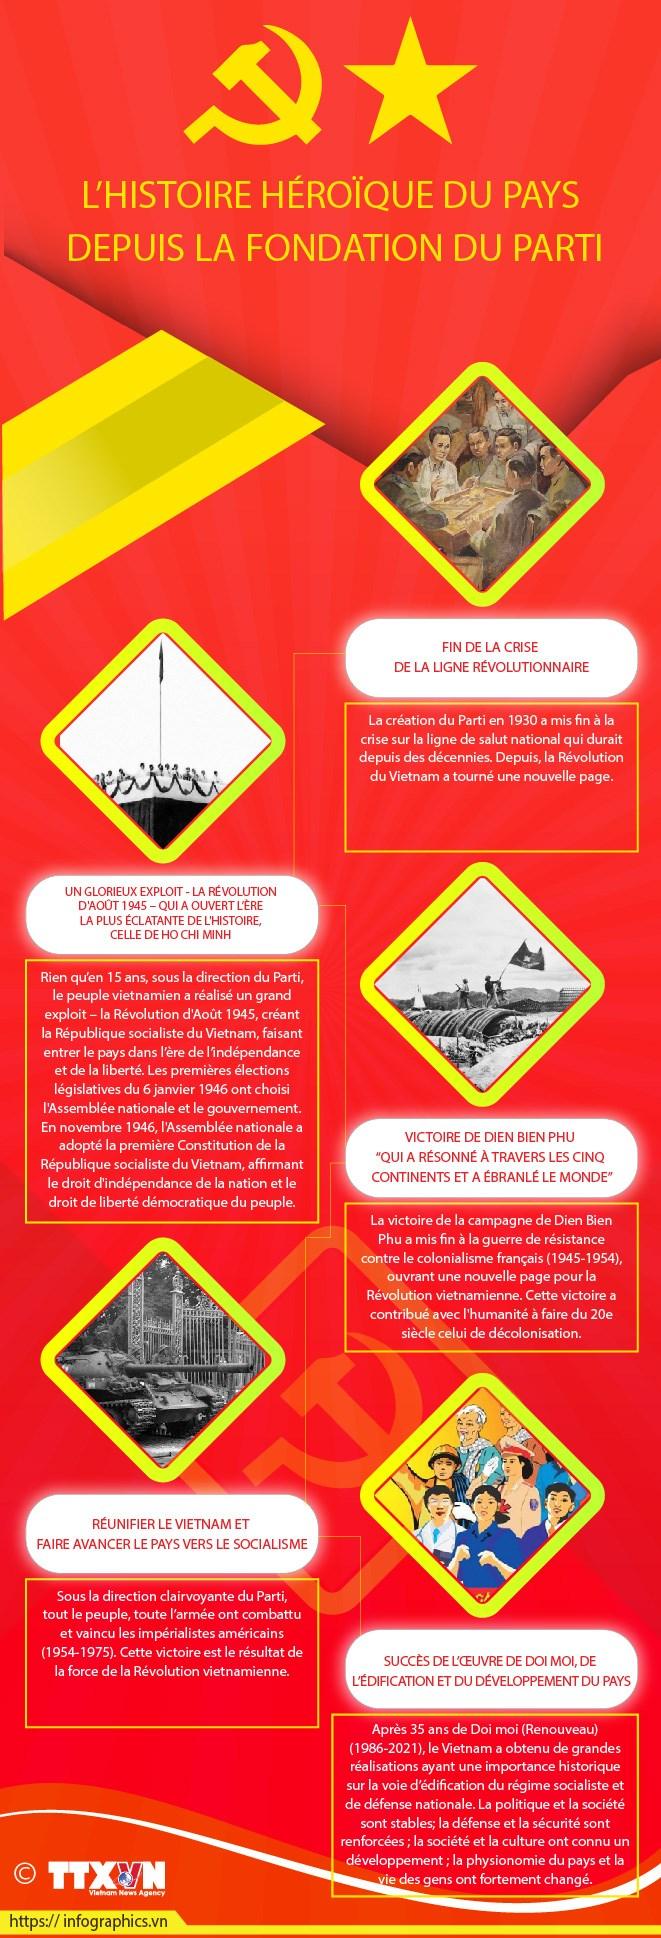 L'histoire heroique du pays depuis la fondation du Parti hinh anh 1